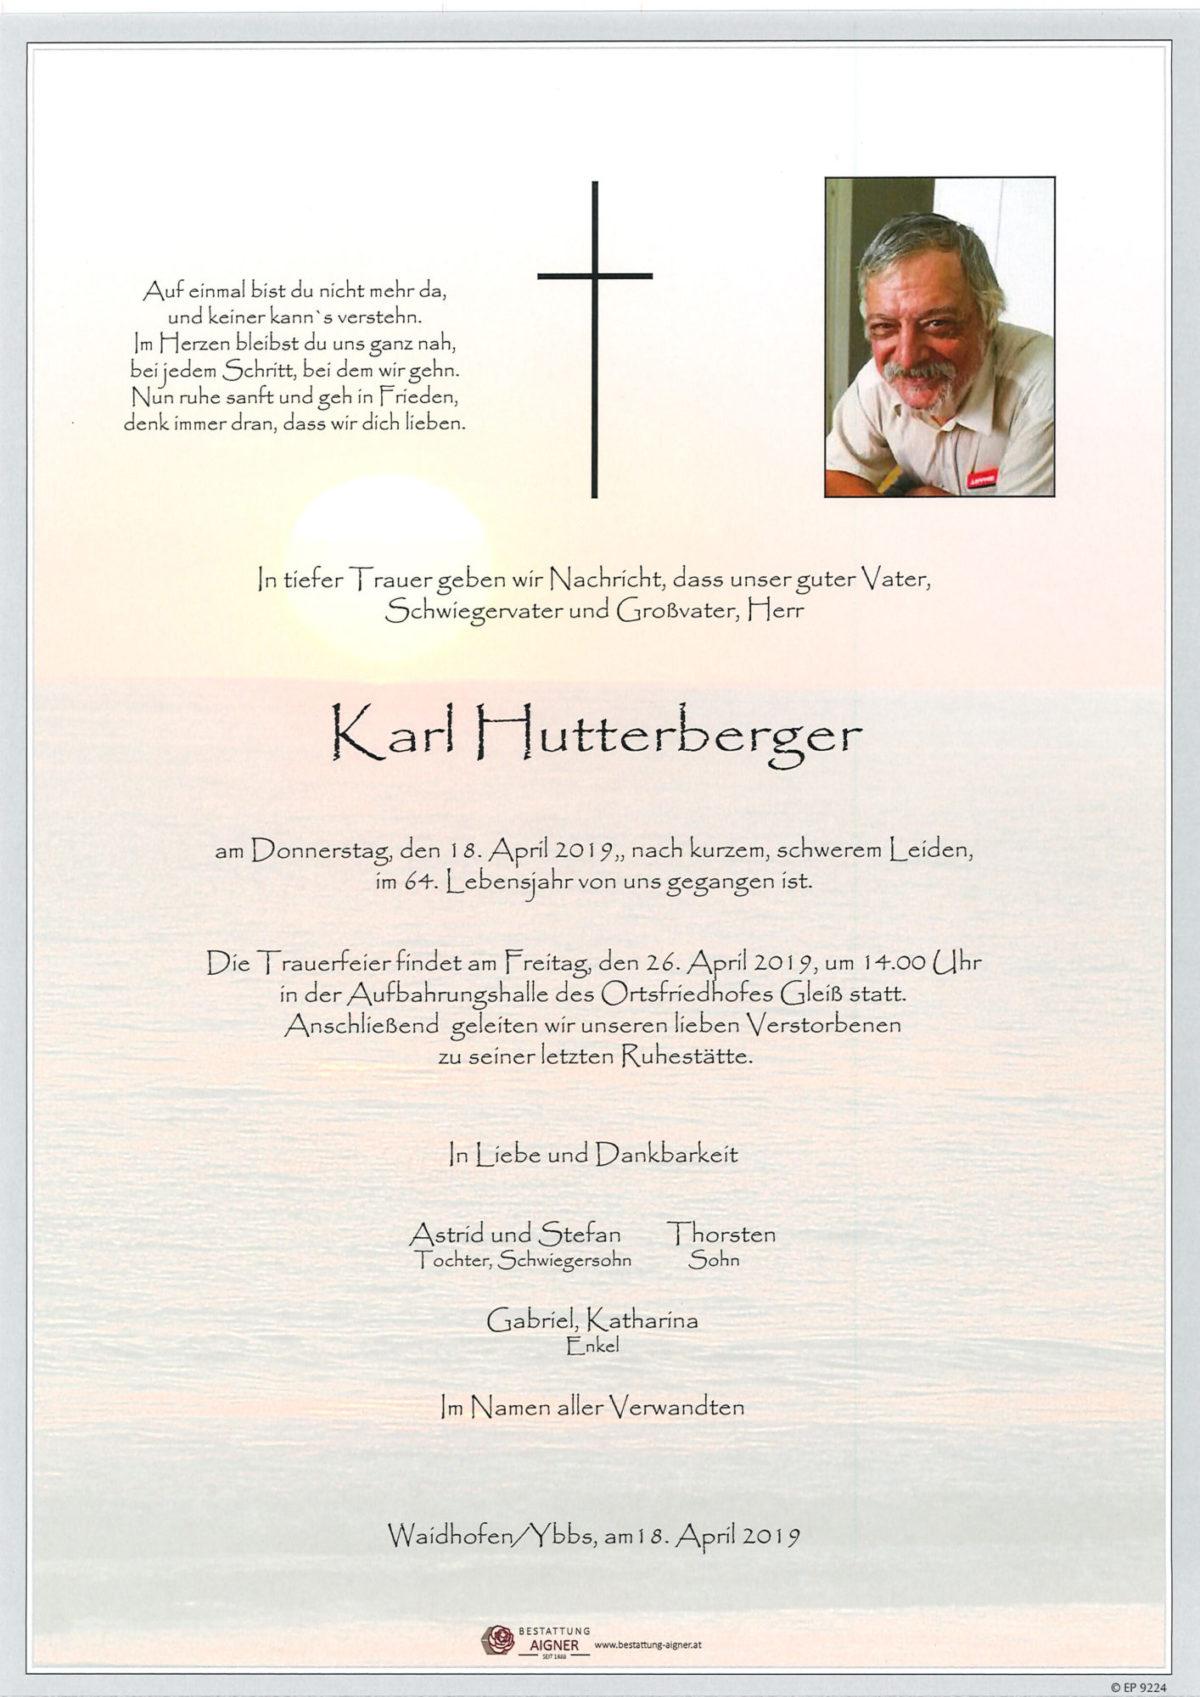 Karl Hutterberger